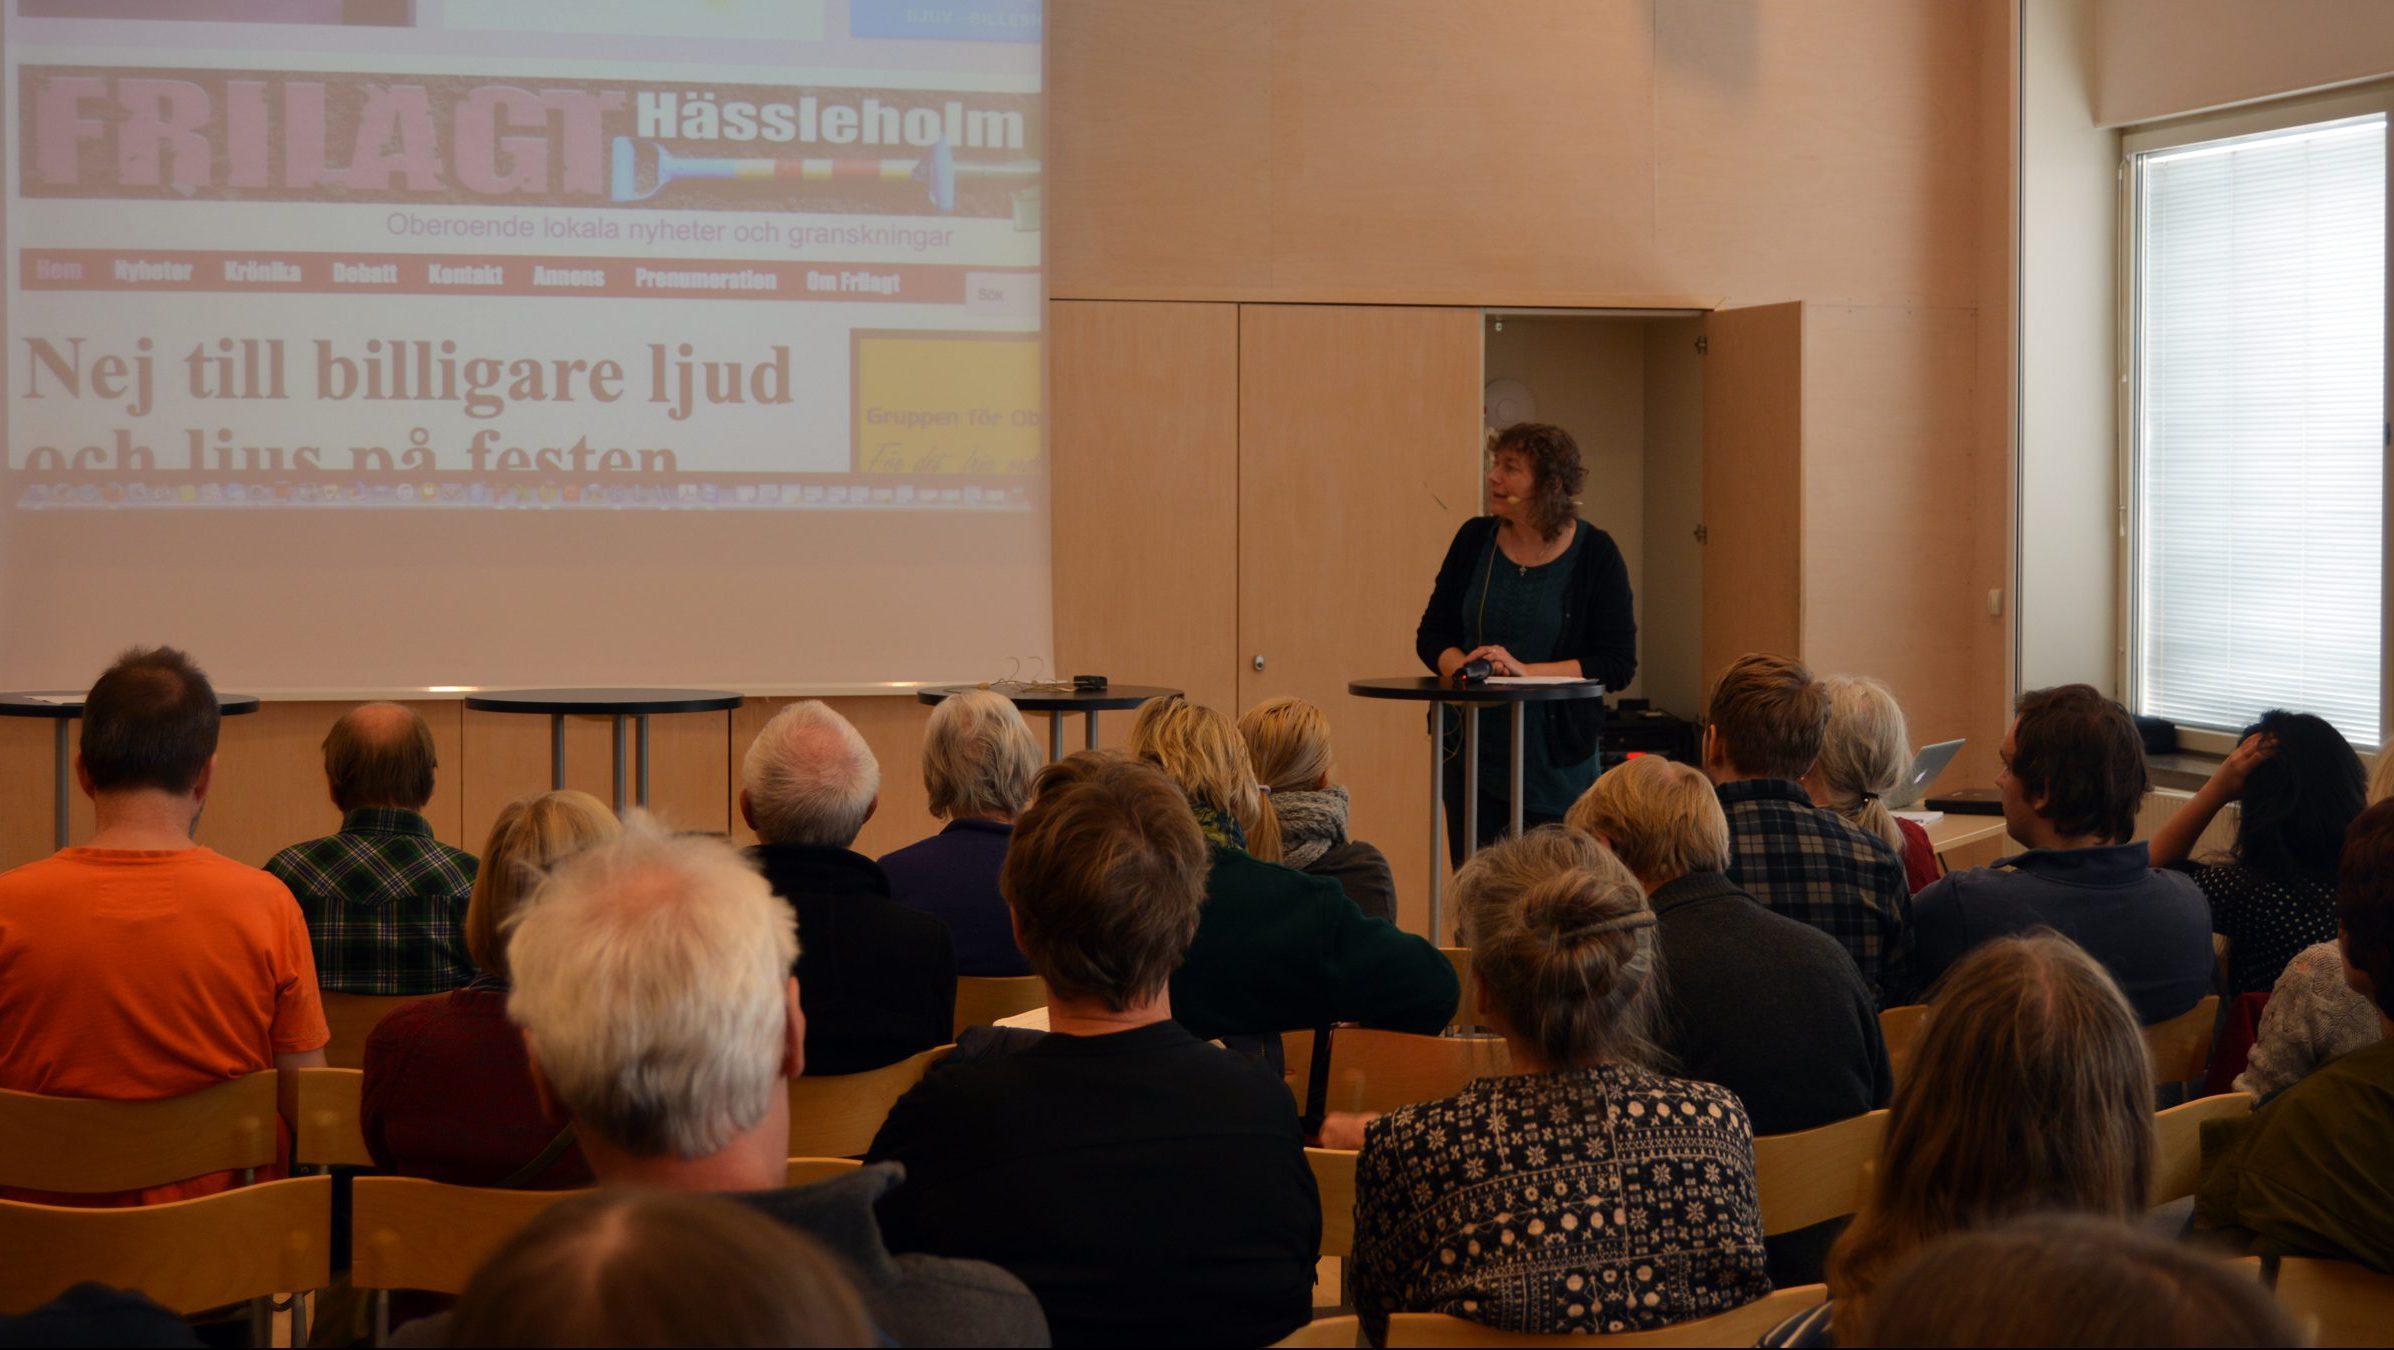 1.Mycket folk hade kommit till Vita salongen för att lyssna på när Berit Önell och hennes gäster diskuterade medborgarjournalistik på lördagen.